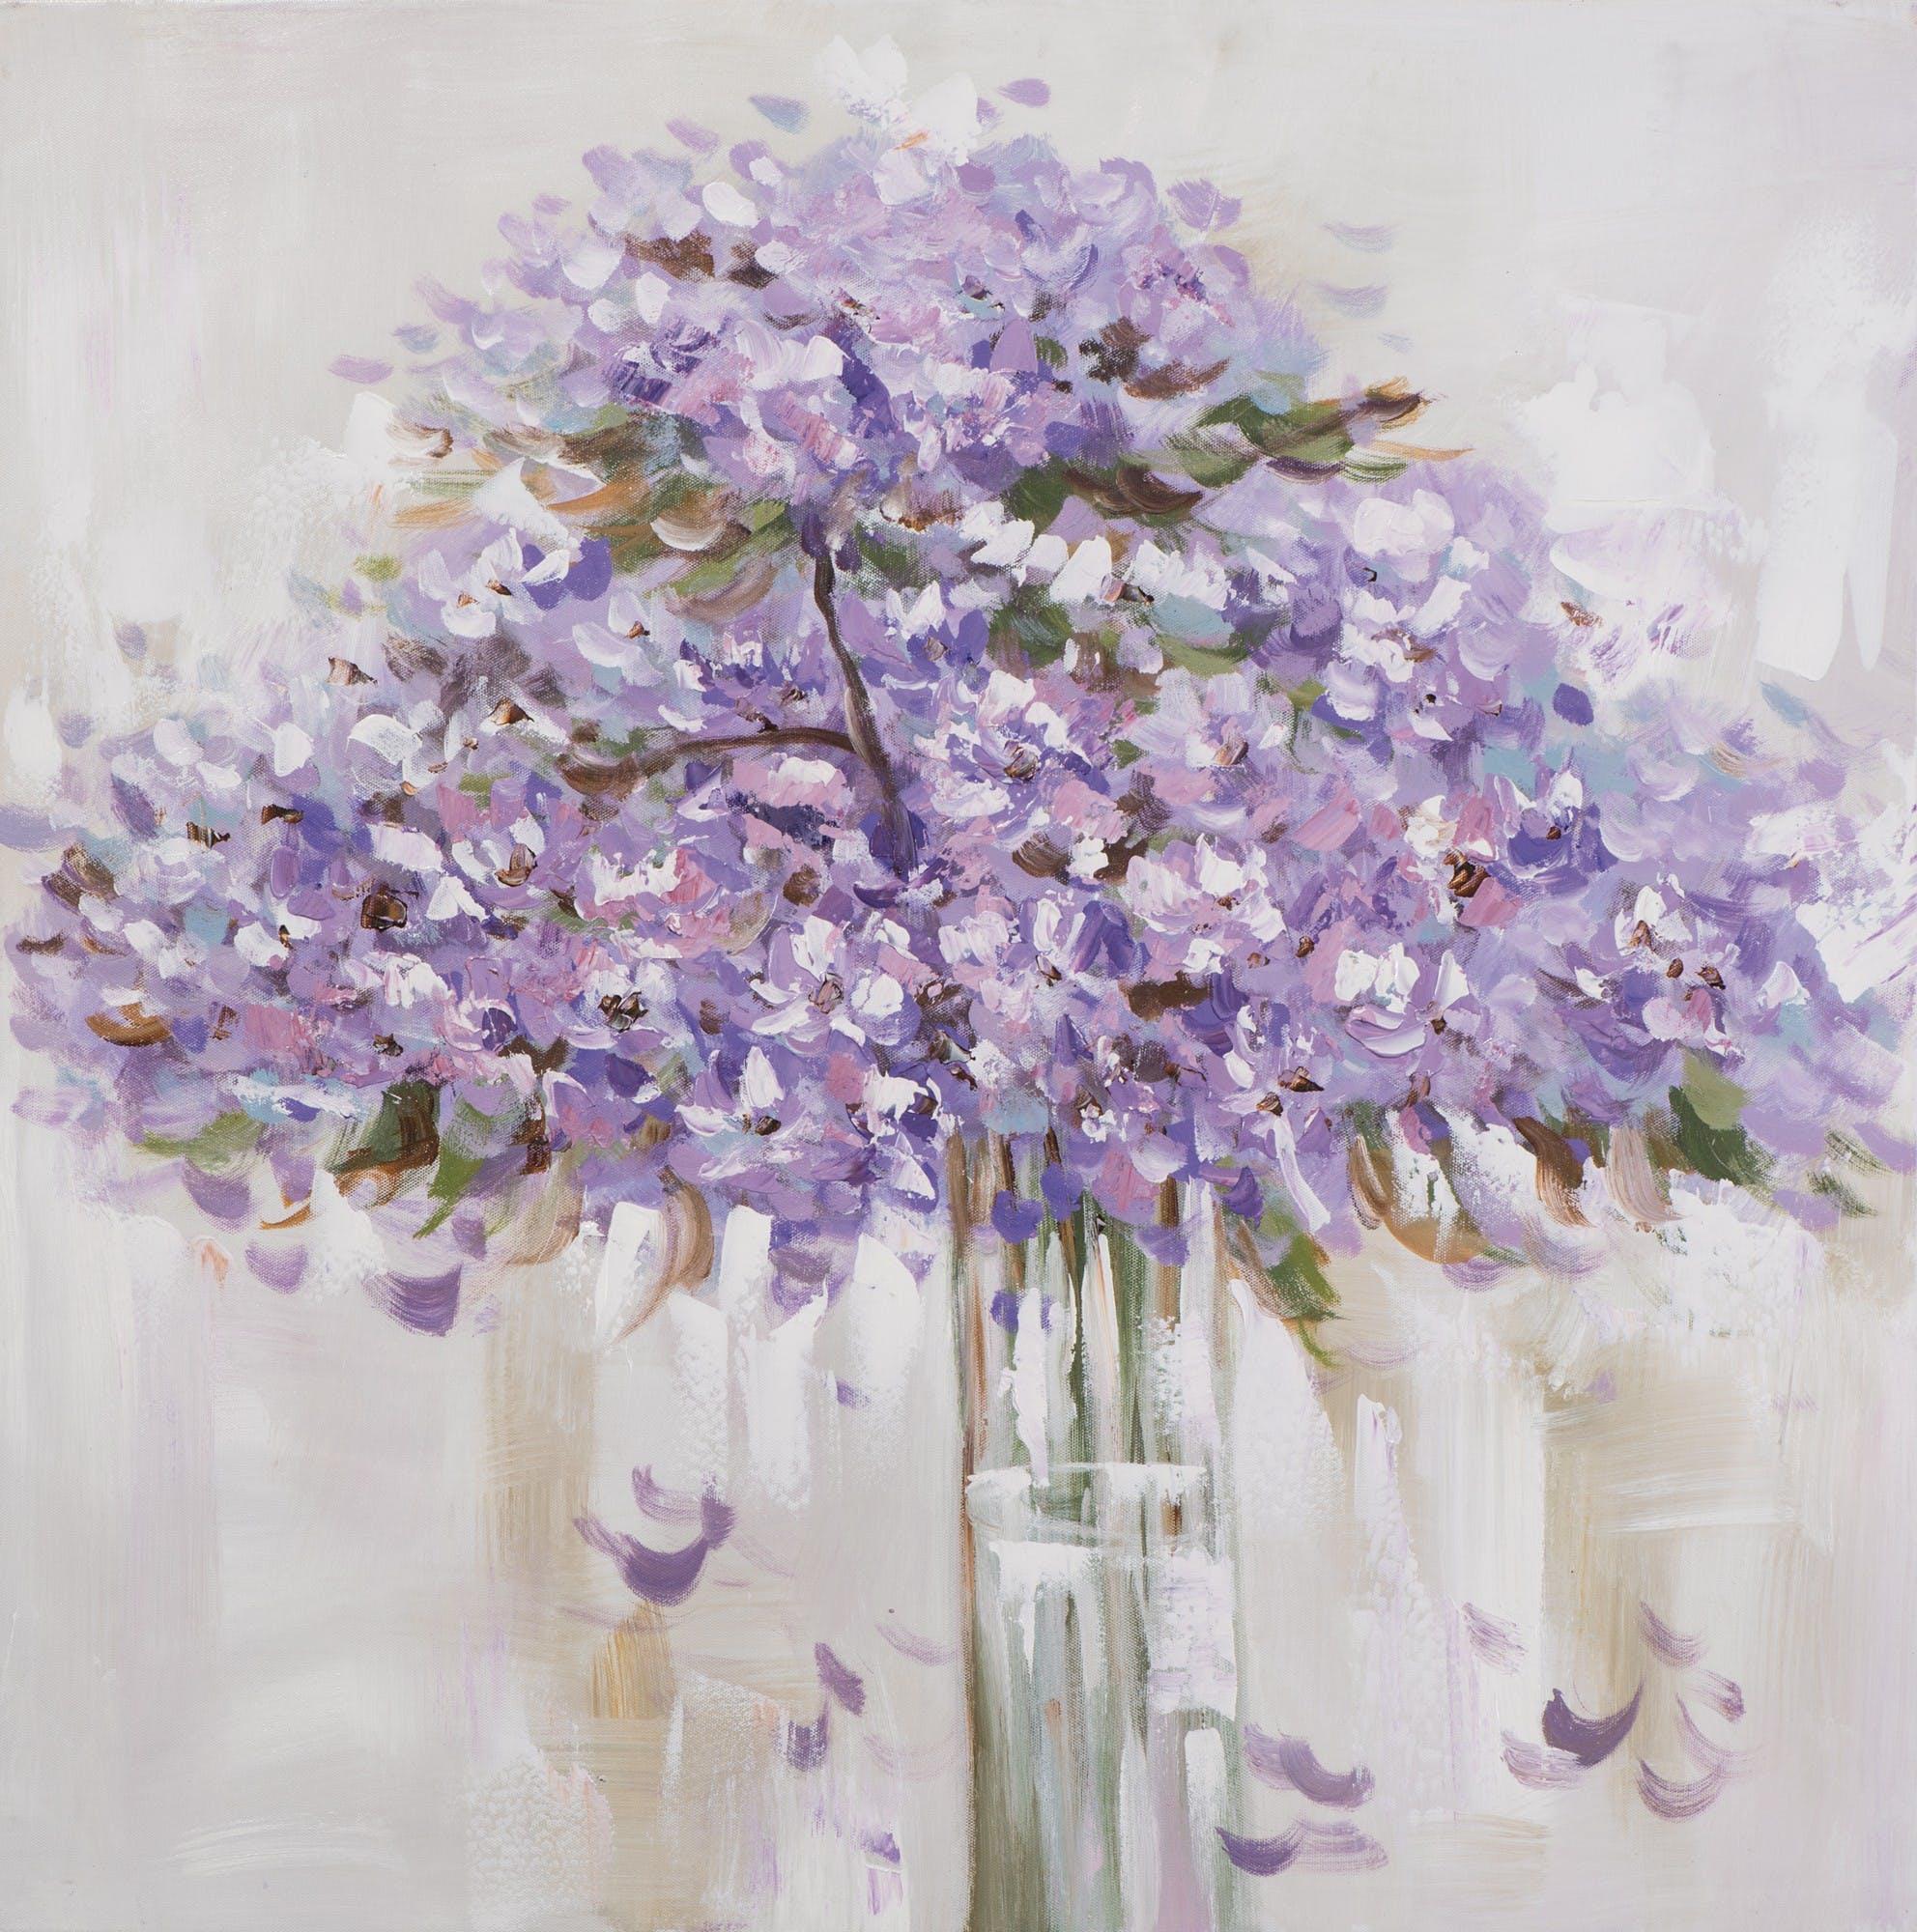 Tableau bouquet de fleurs 70x70 - peinture acrylique mauve, marron et banche